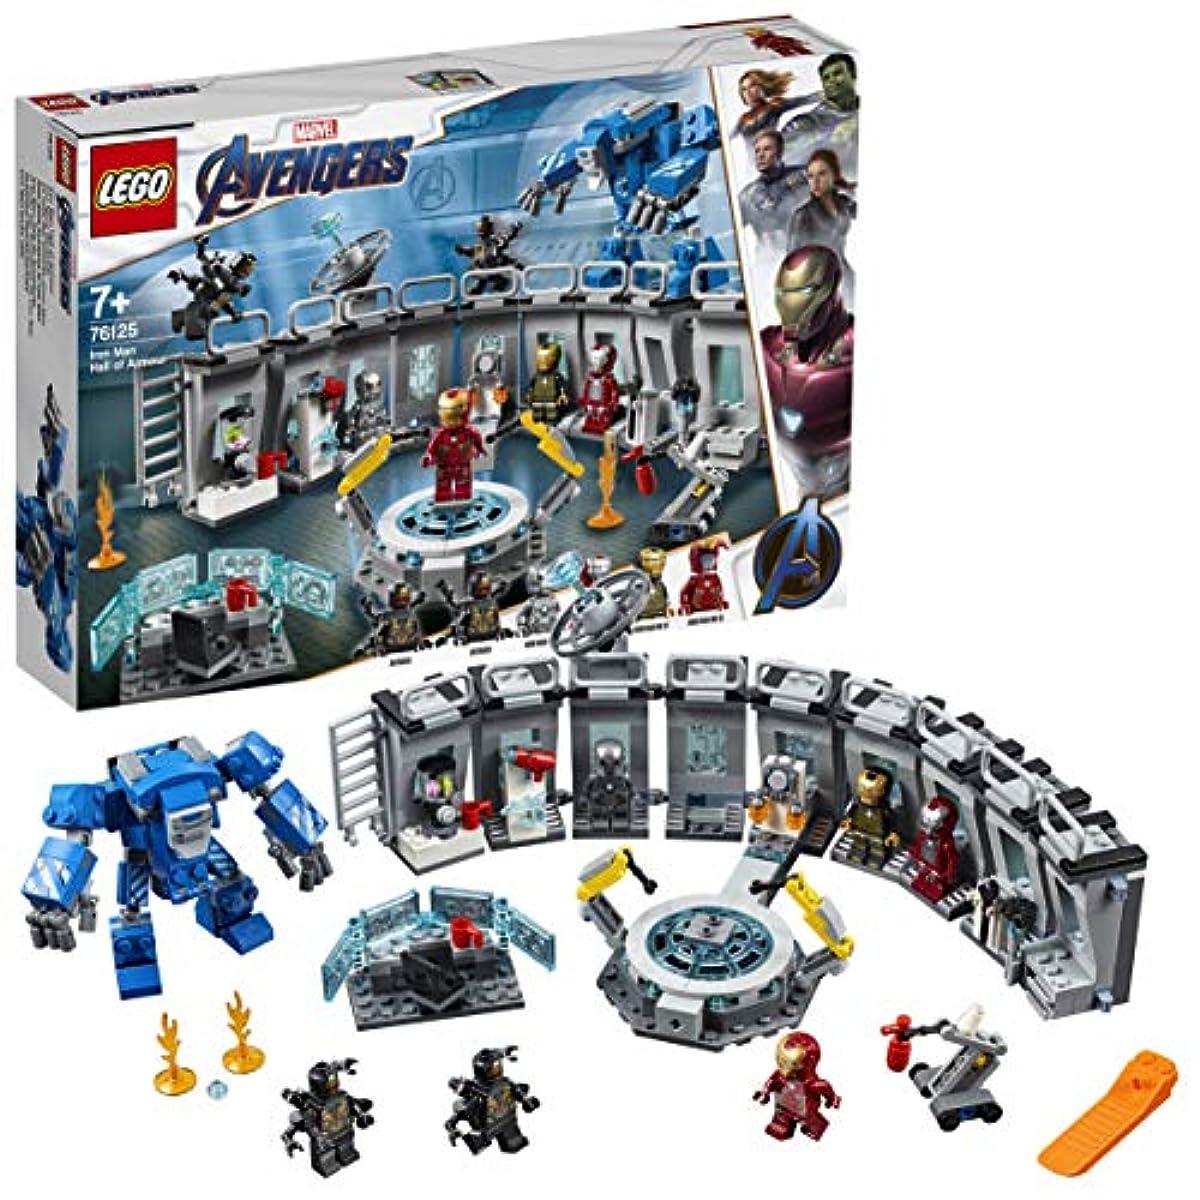 [해외] 레고(LEGO) 슈퍼히어로즈 아이언맨 연구소 76125